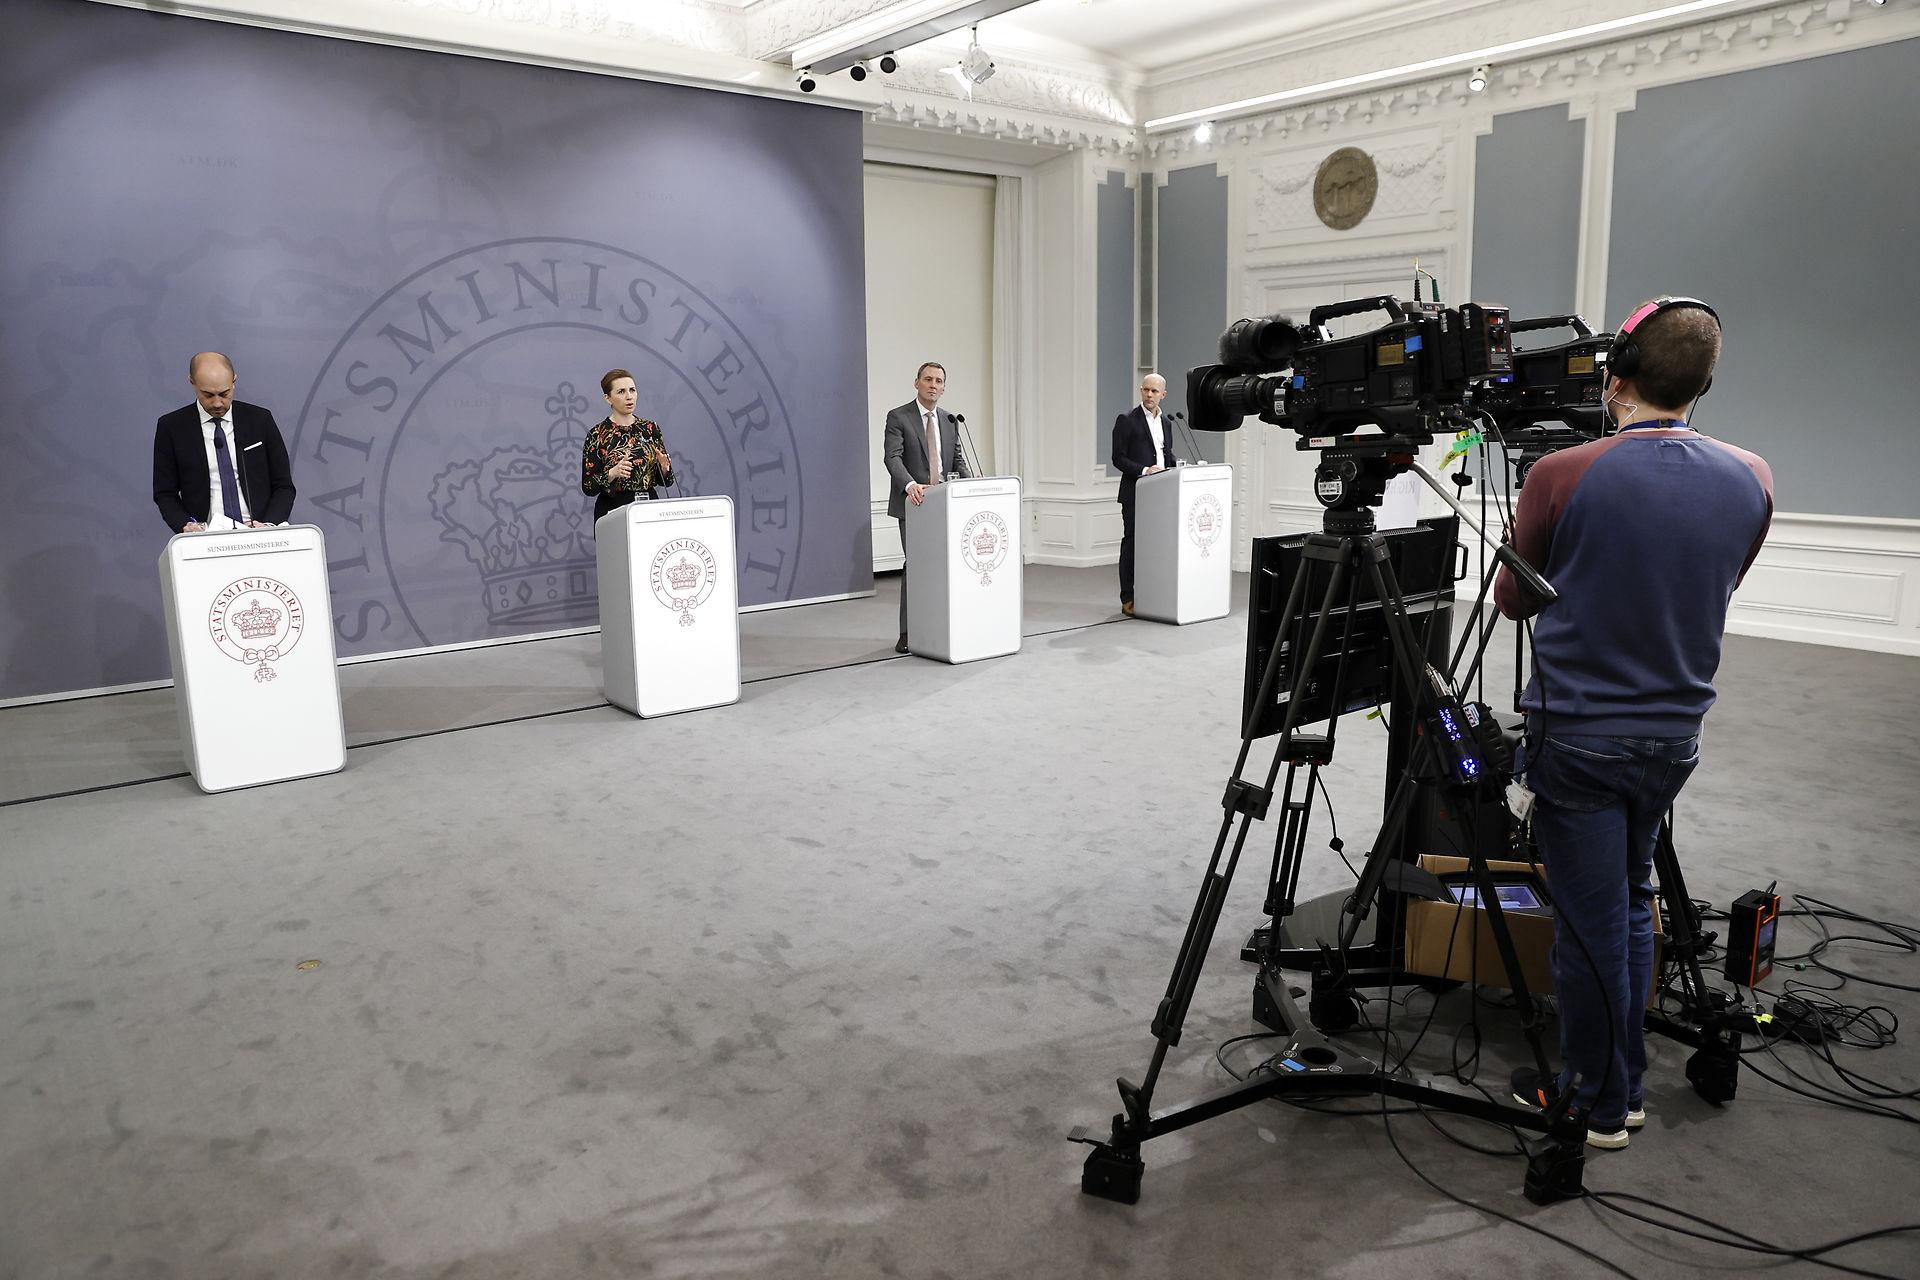 """Journalister kommer ikke til på regeringens pressemøder: """"Det duer ikke"""""""